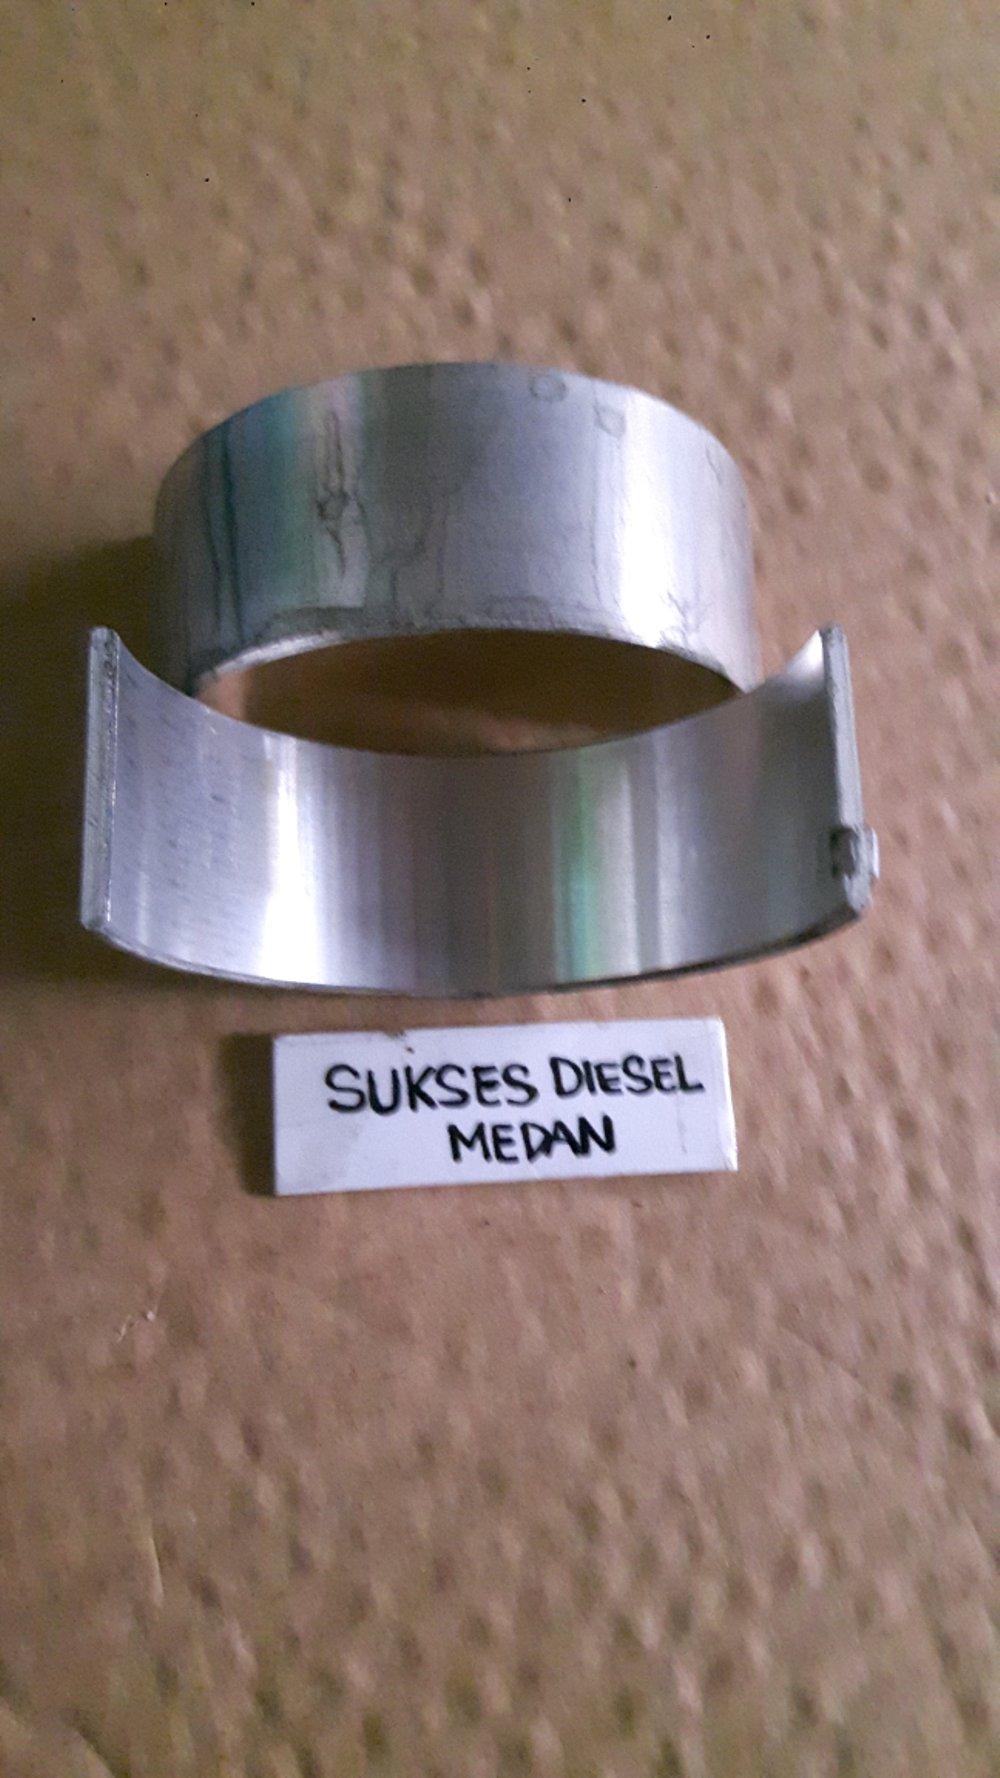 S195 CRANK PIN METAL METAL JALAN MENTALAN RAUN MESIN DIESEL DONGFENG STANDART 00